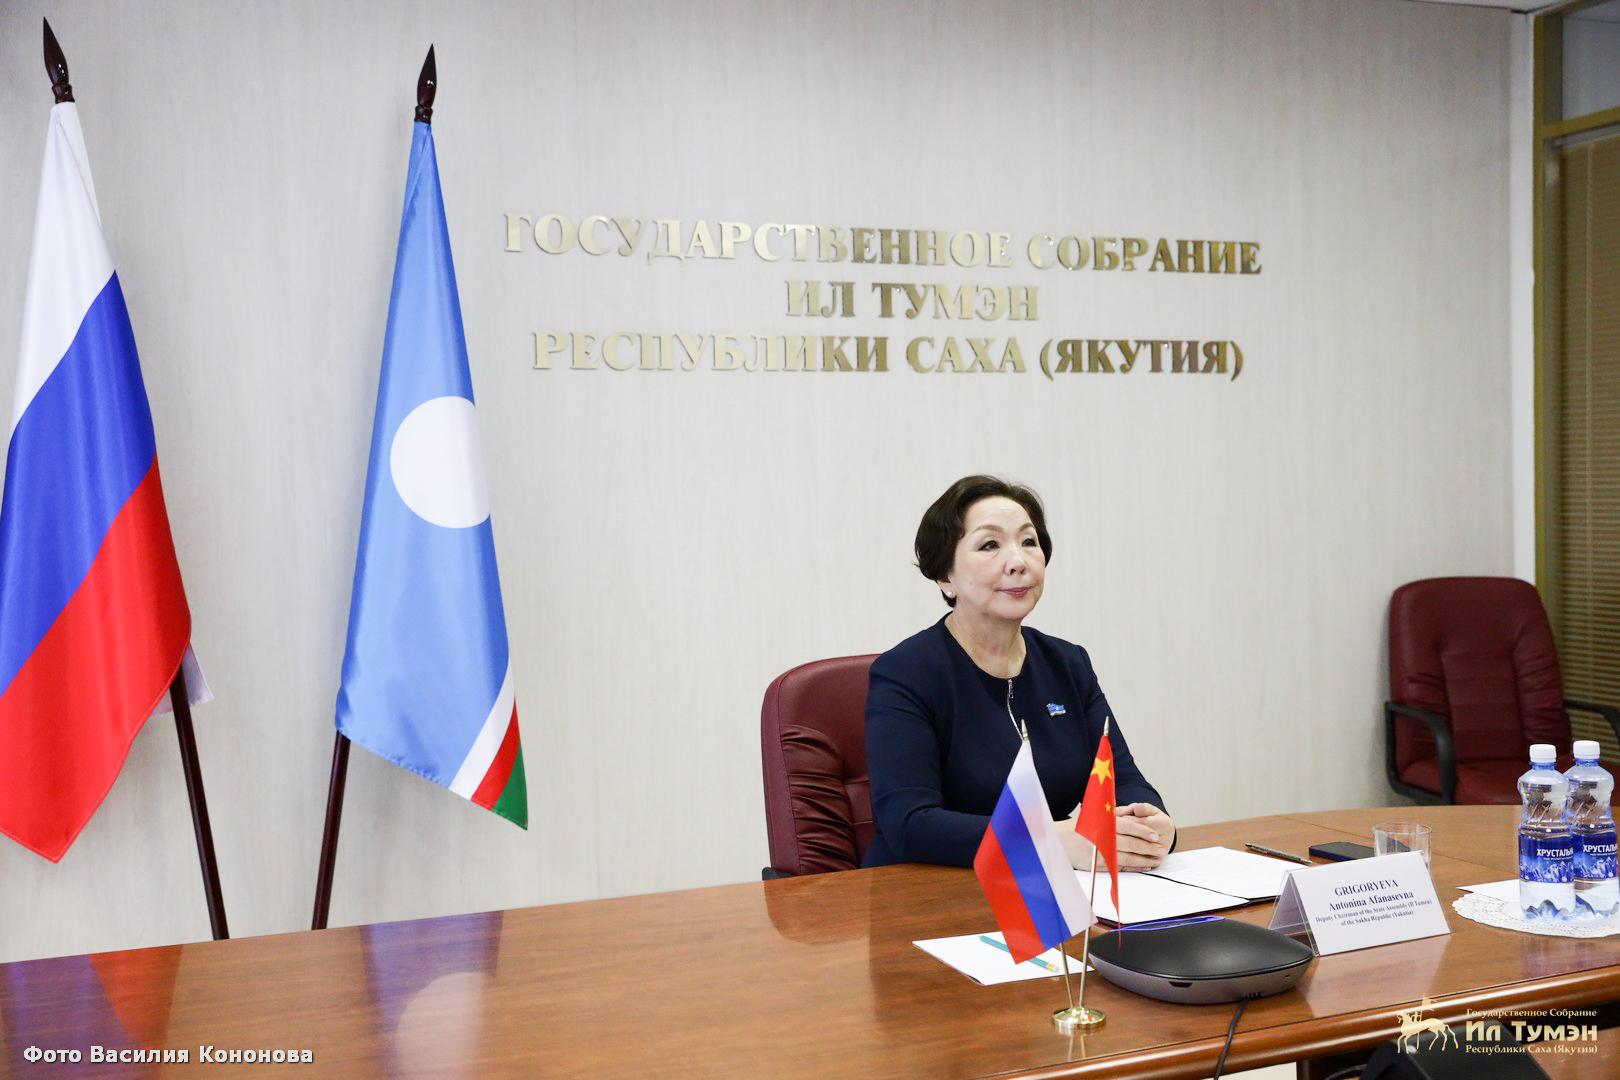 Антонина Григорьева выступила на совещании по сотрудничеству региональных законодательных органов китайских провинций Хэйлунцзян и Гуандун с Россией